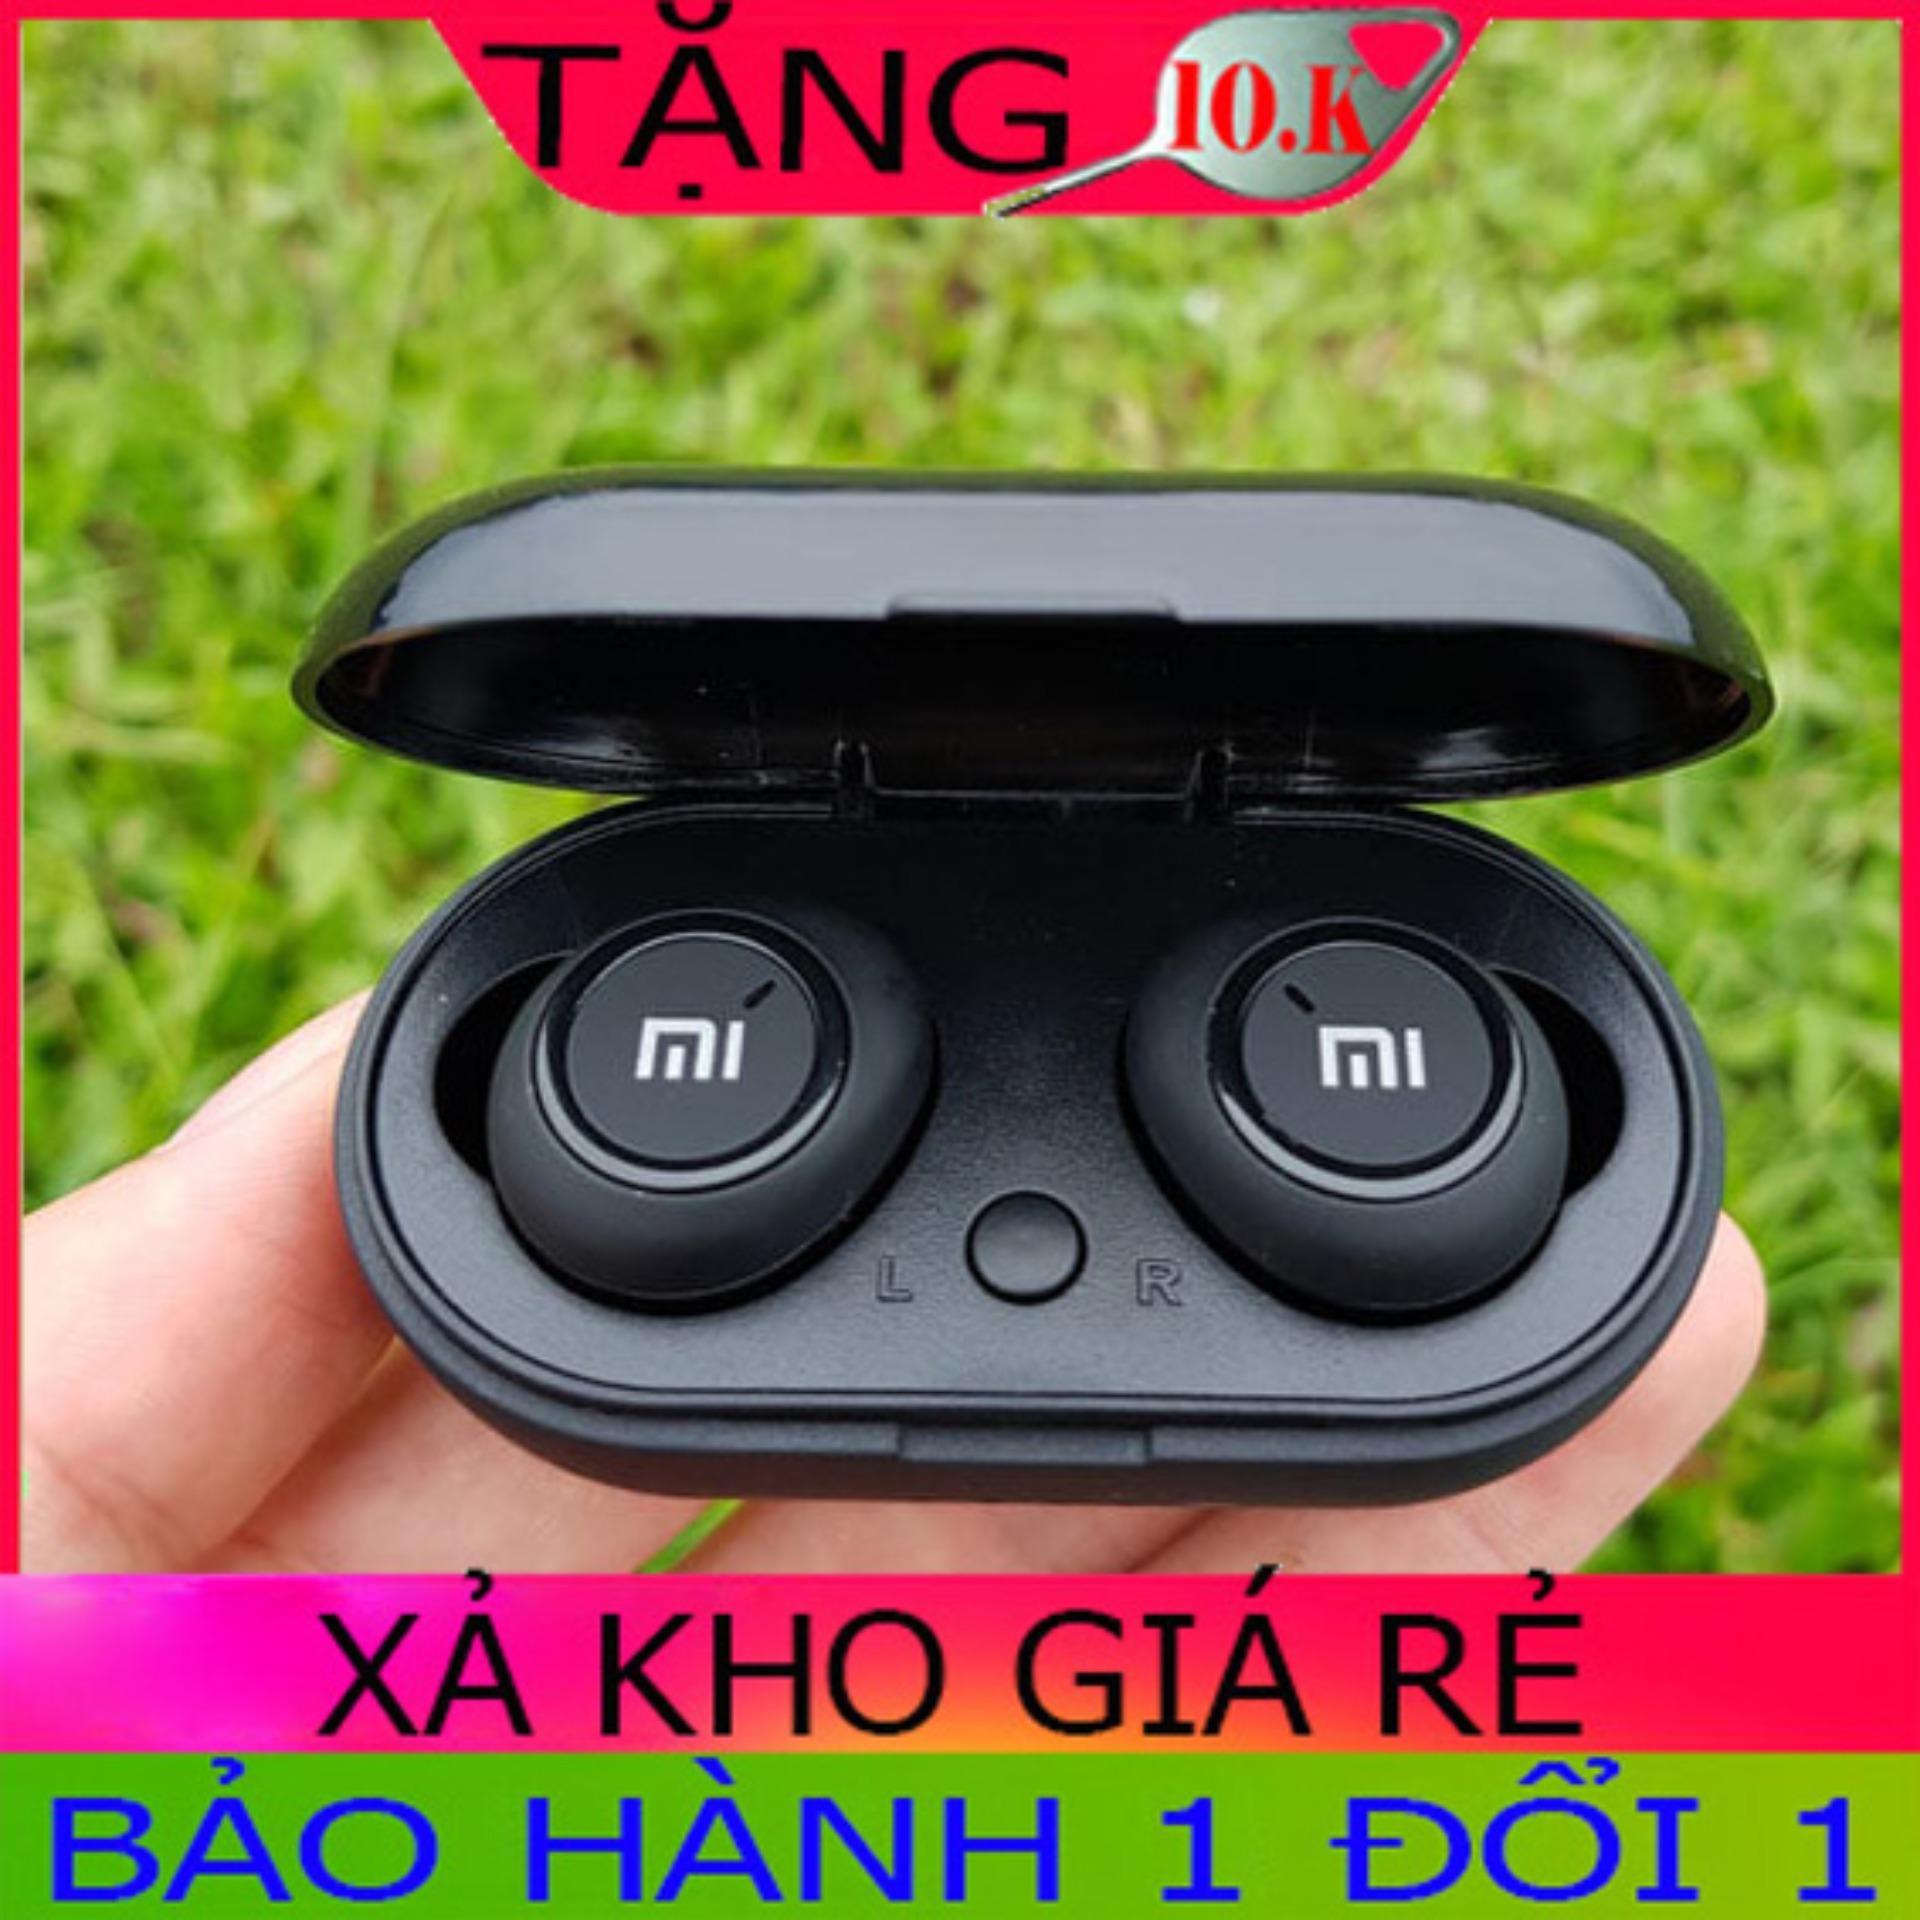 Tai Nghe Bluetooth Xiaomi Redmi Airdots Bluetooth 5.0 Tai Nghe tự động kết nối -5H chơi nhạc-Cách âm tốt-Âm thanh nổi - Cốc sạc 2000mAh-Có quà tặng